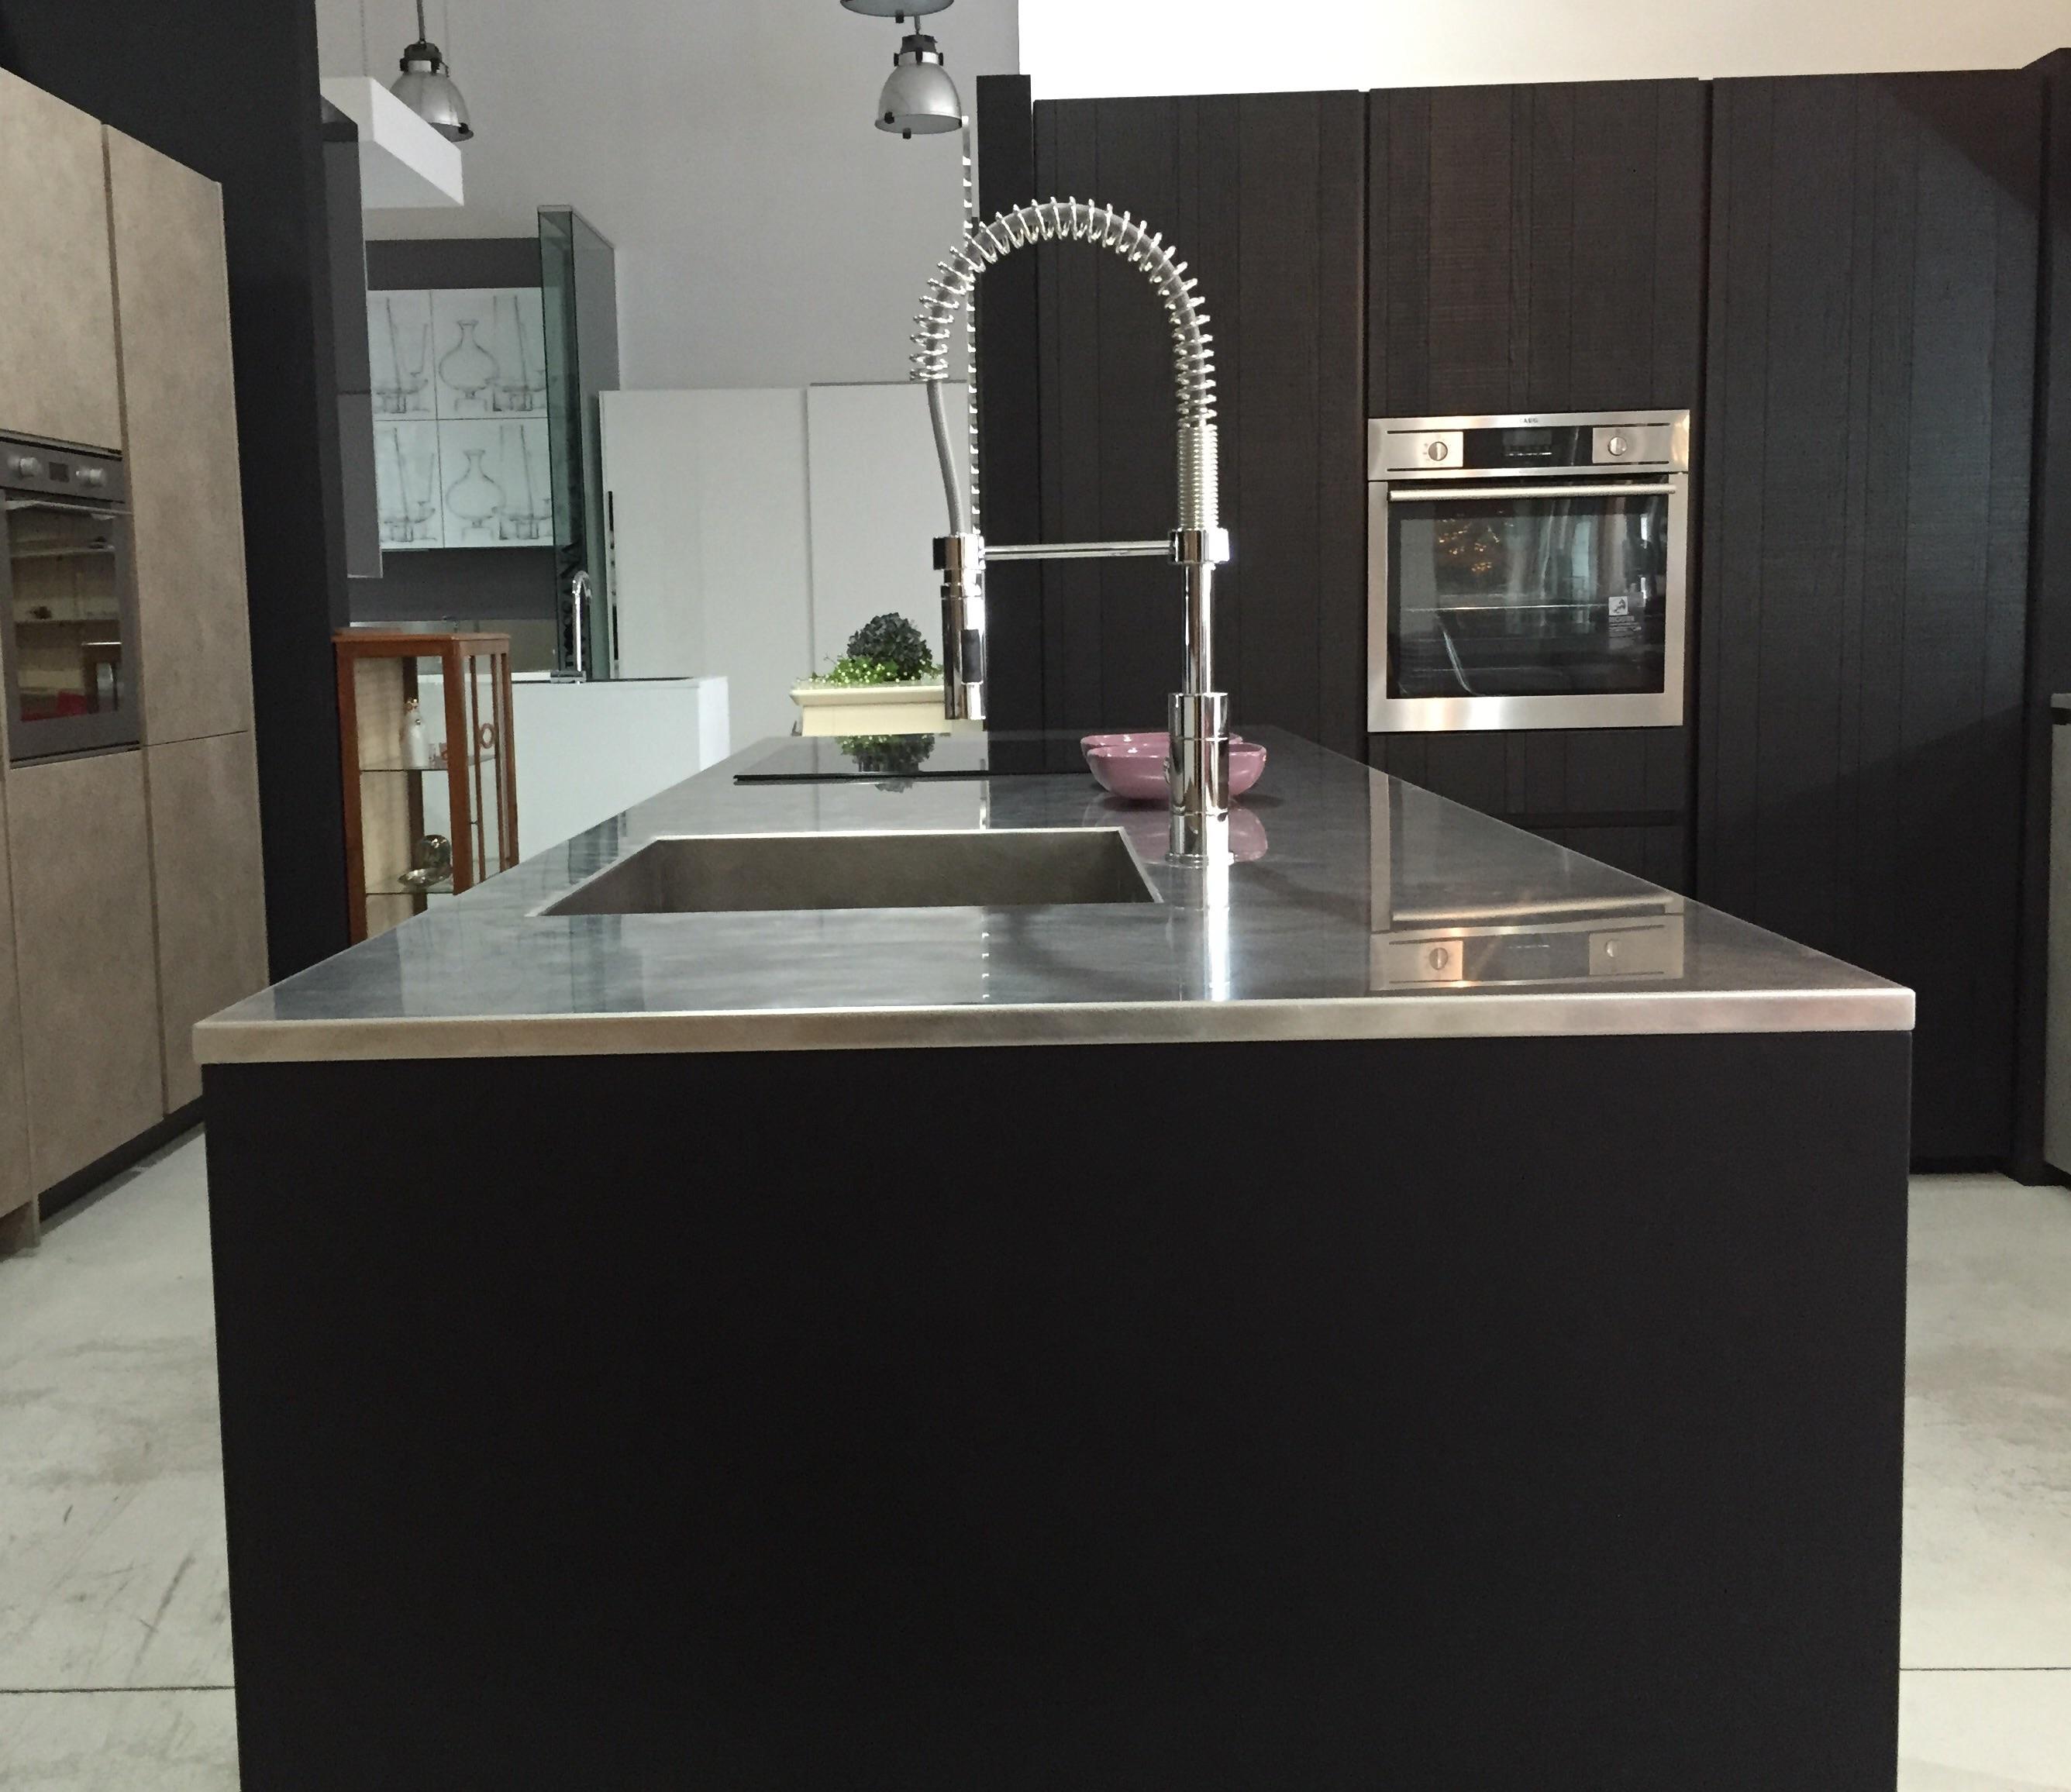 Top cucina acciaio inox prezzo stunning cucina scavolini - Top cucina fenix prezzo ...